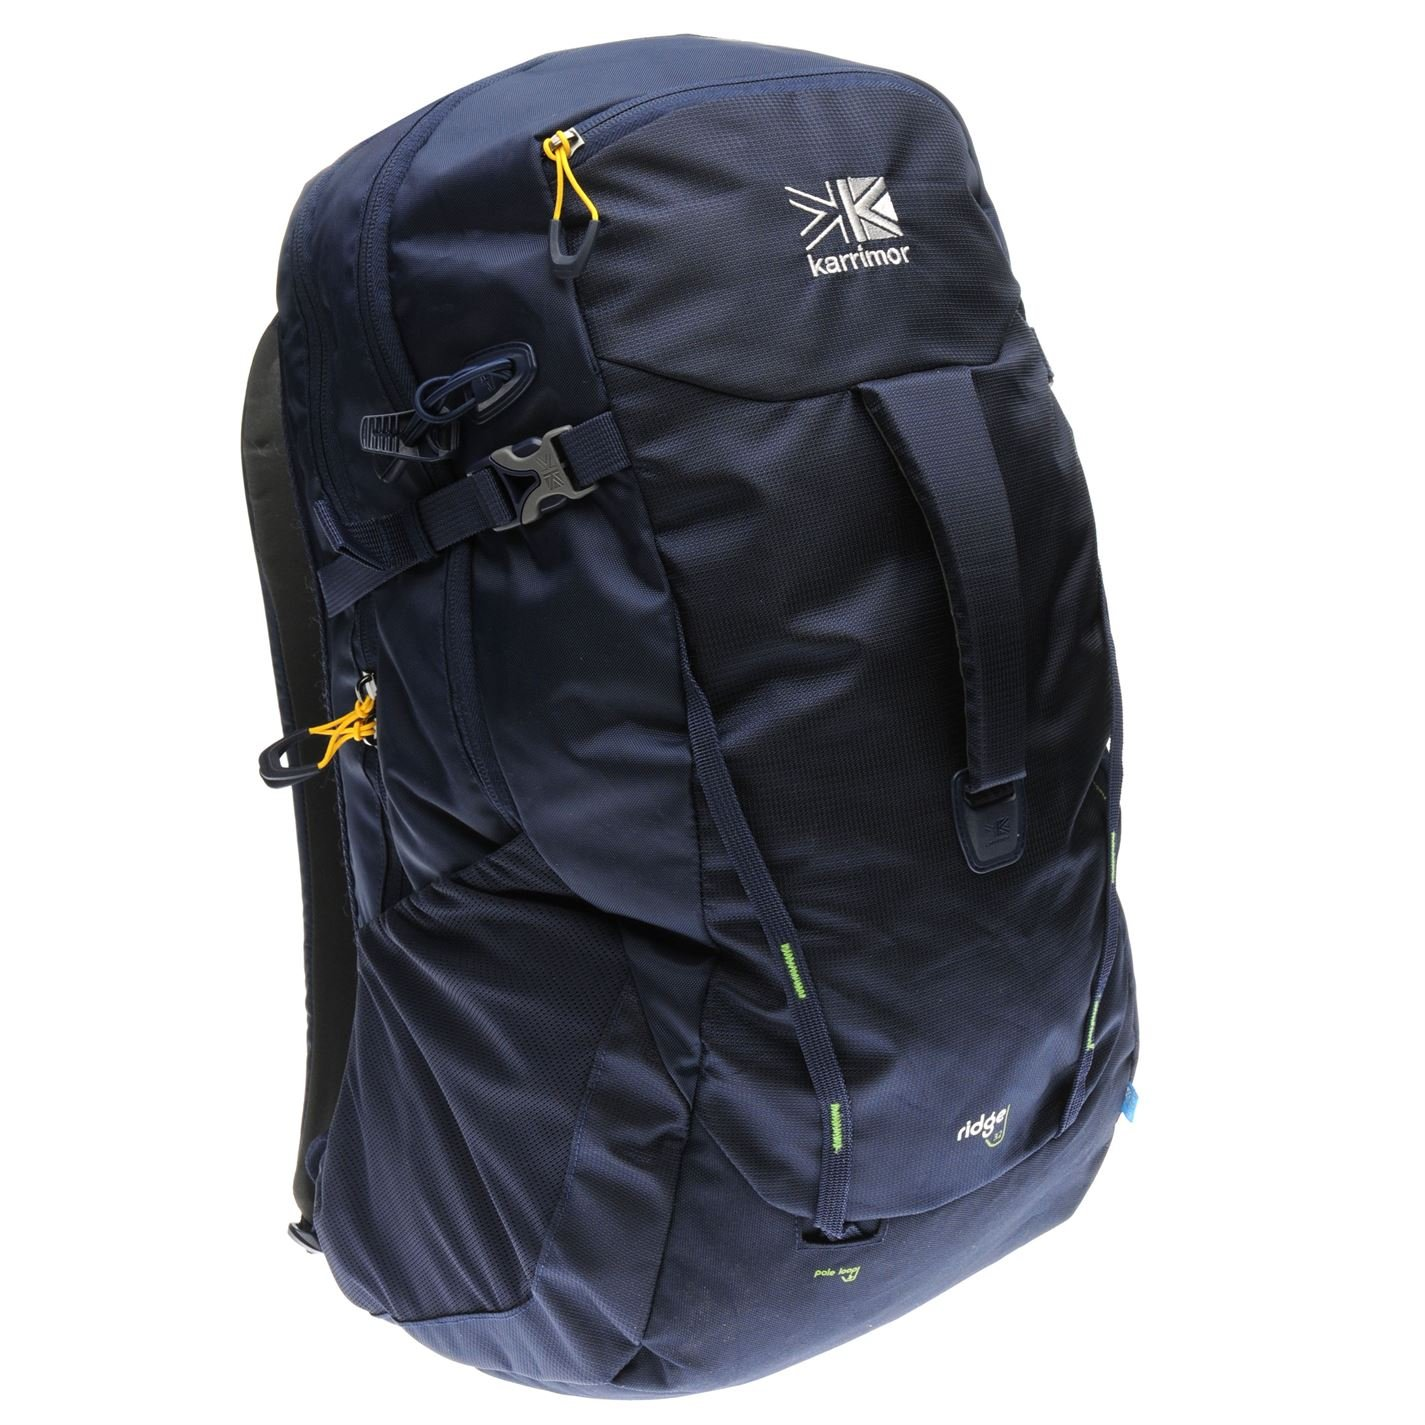 Karrimor Unisex Ridge 32 Mochila Macuto Senderismo Trekking